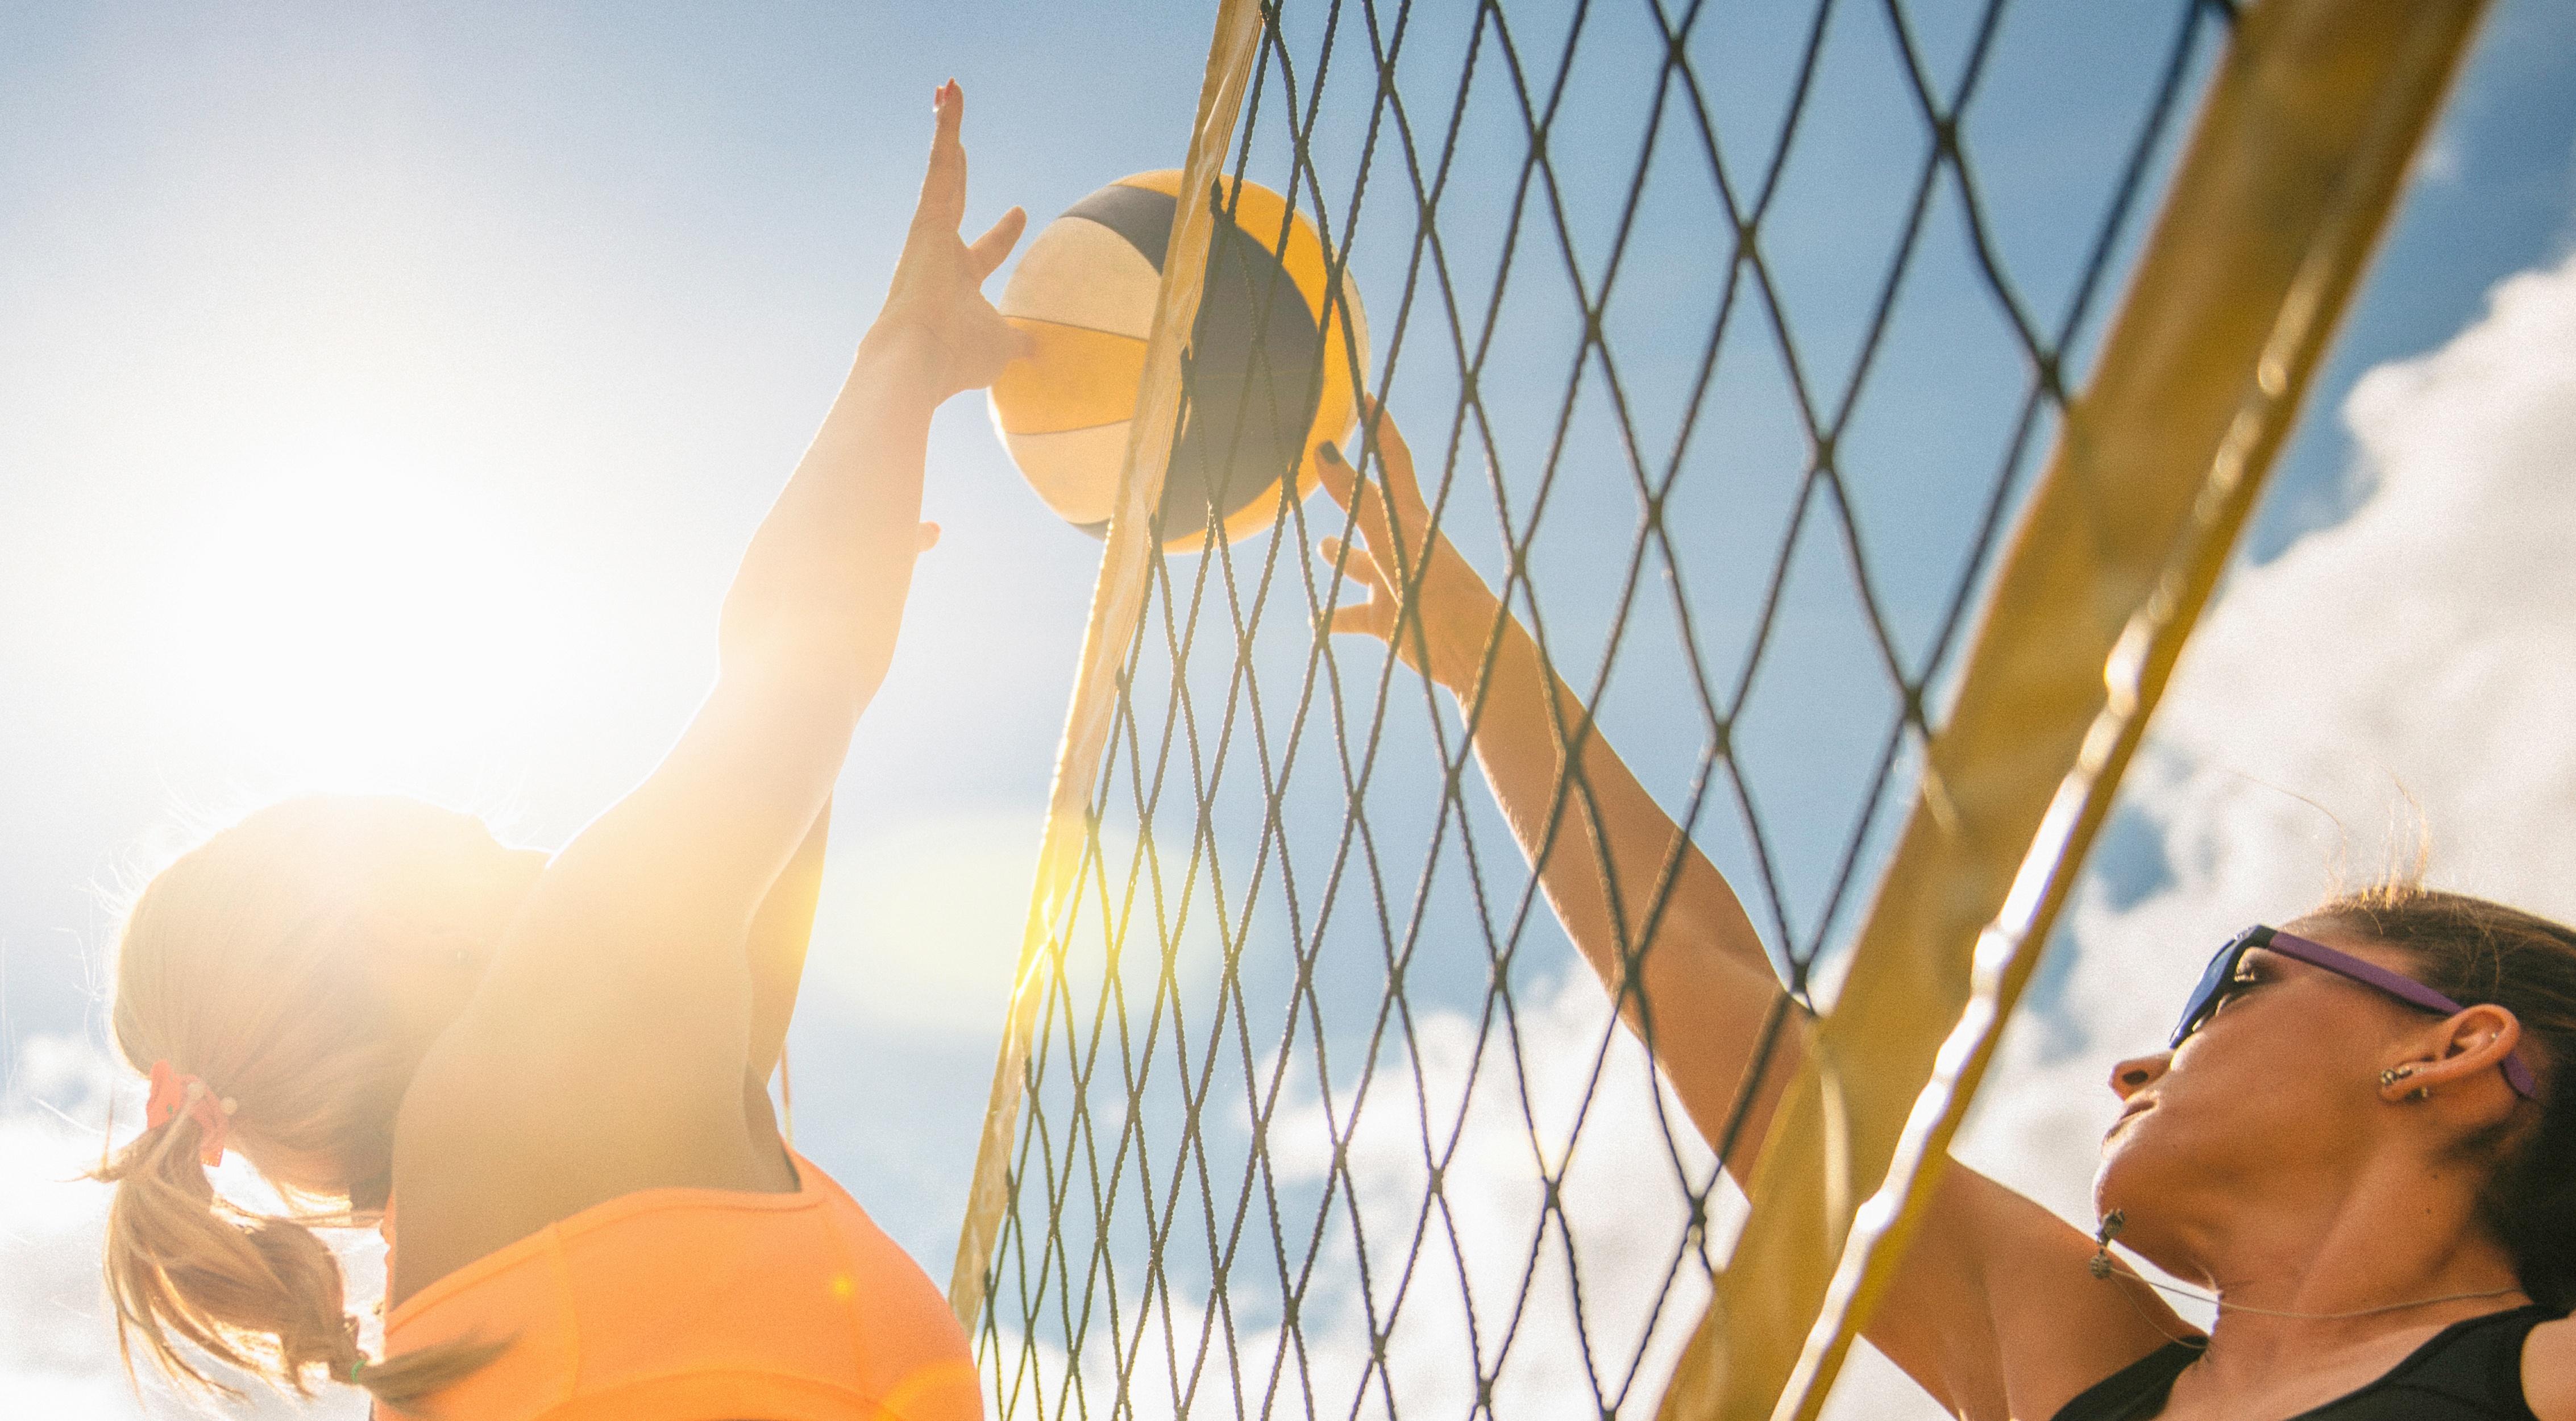 beach volleyball net 290x160.jpg